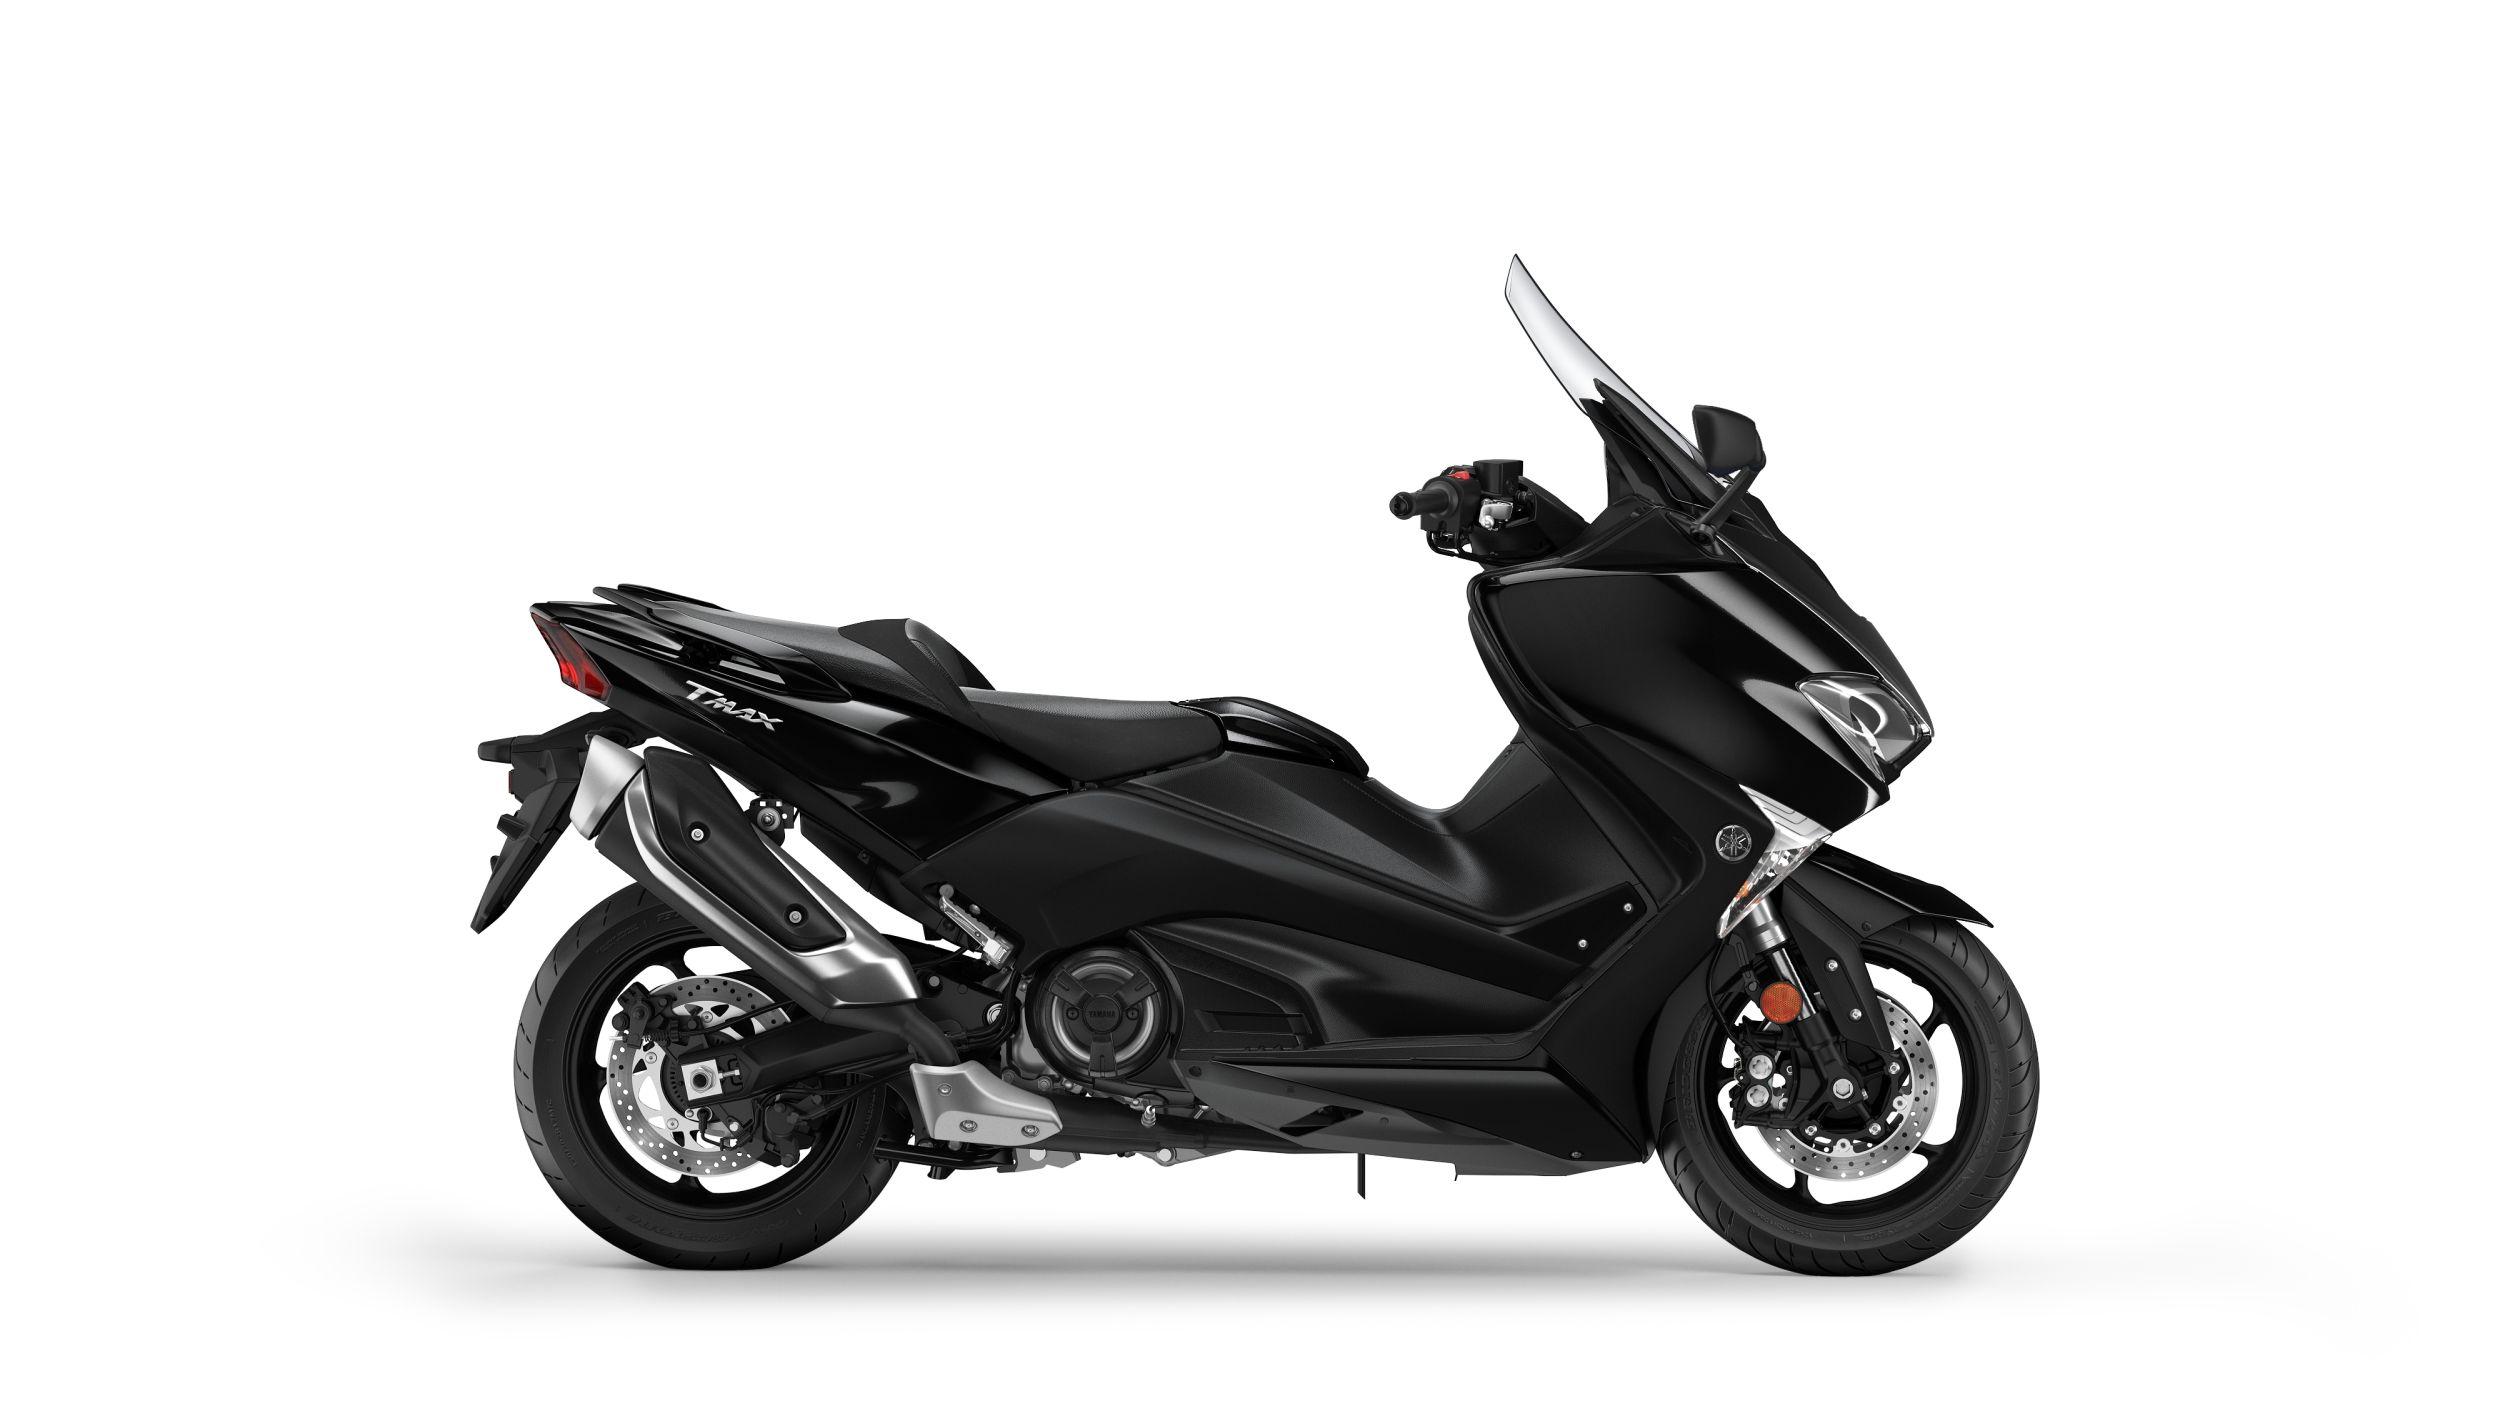 Gebrauchte Und Neue Yamaha Tmax Motorräder Kaufen